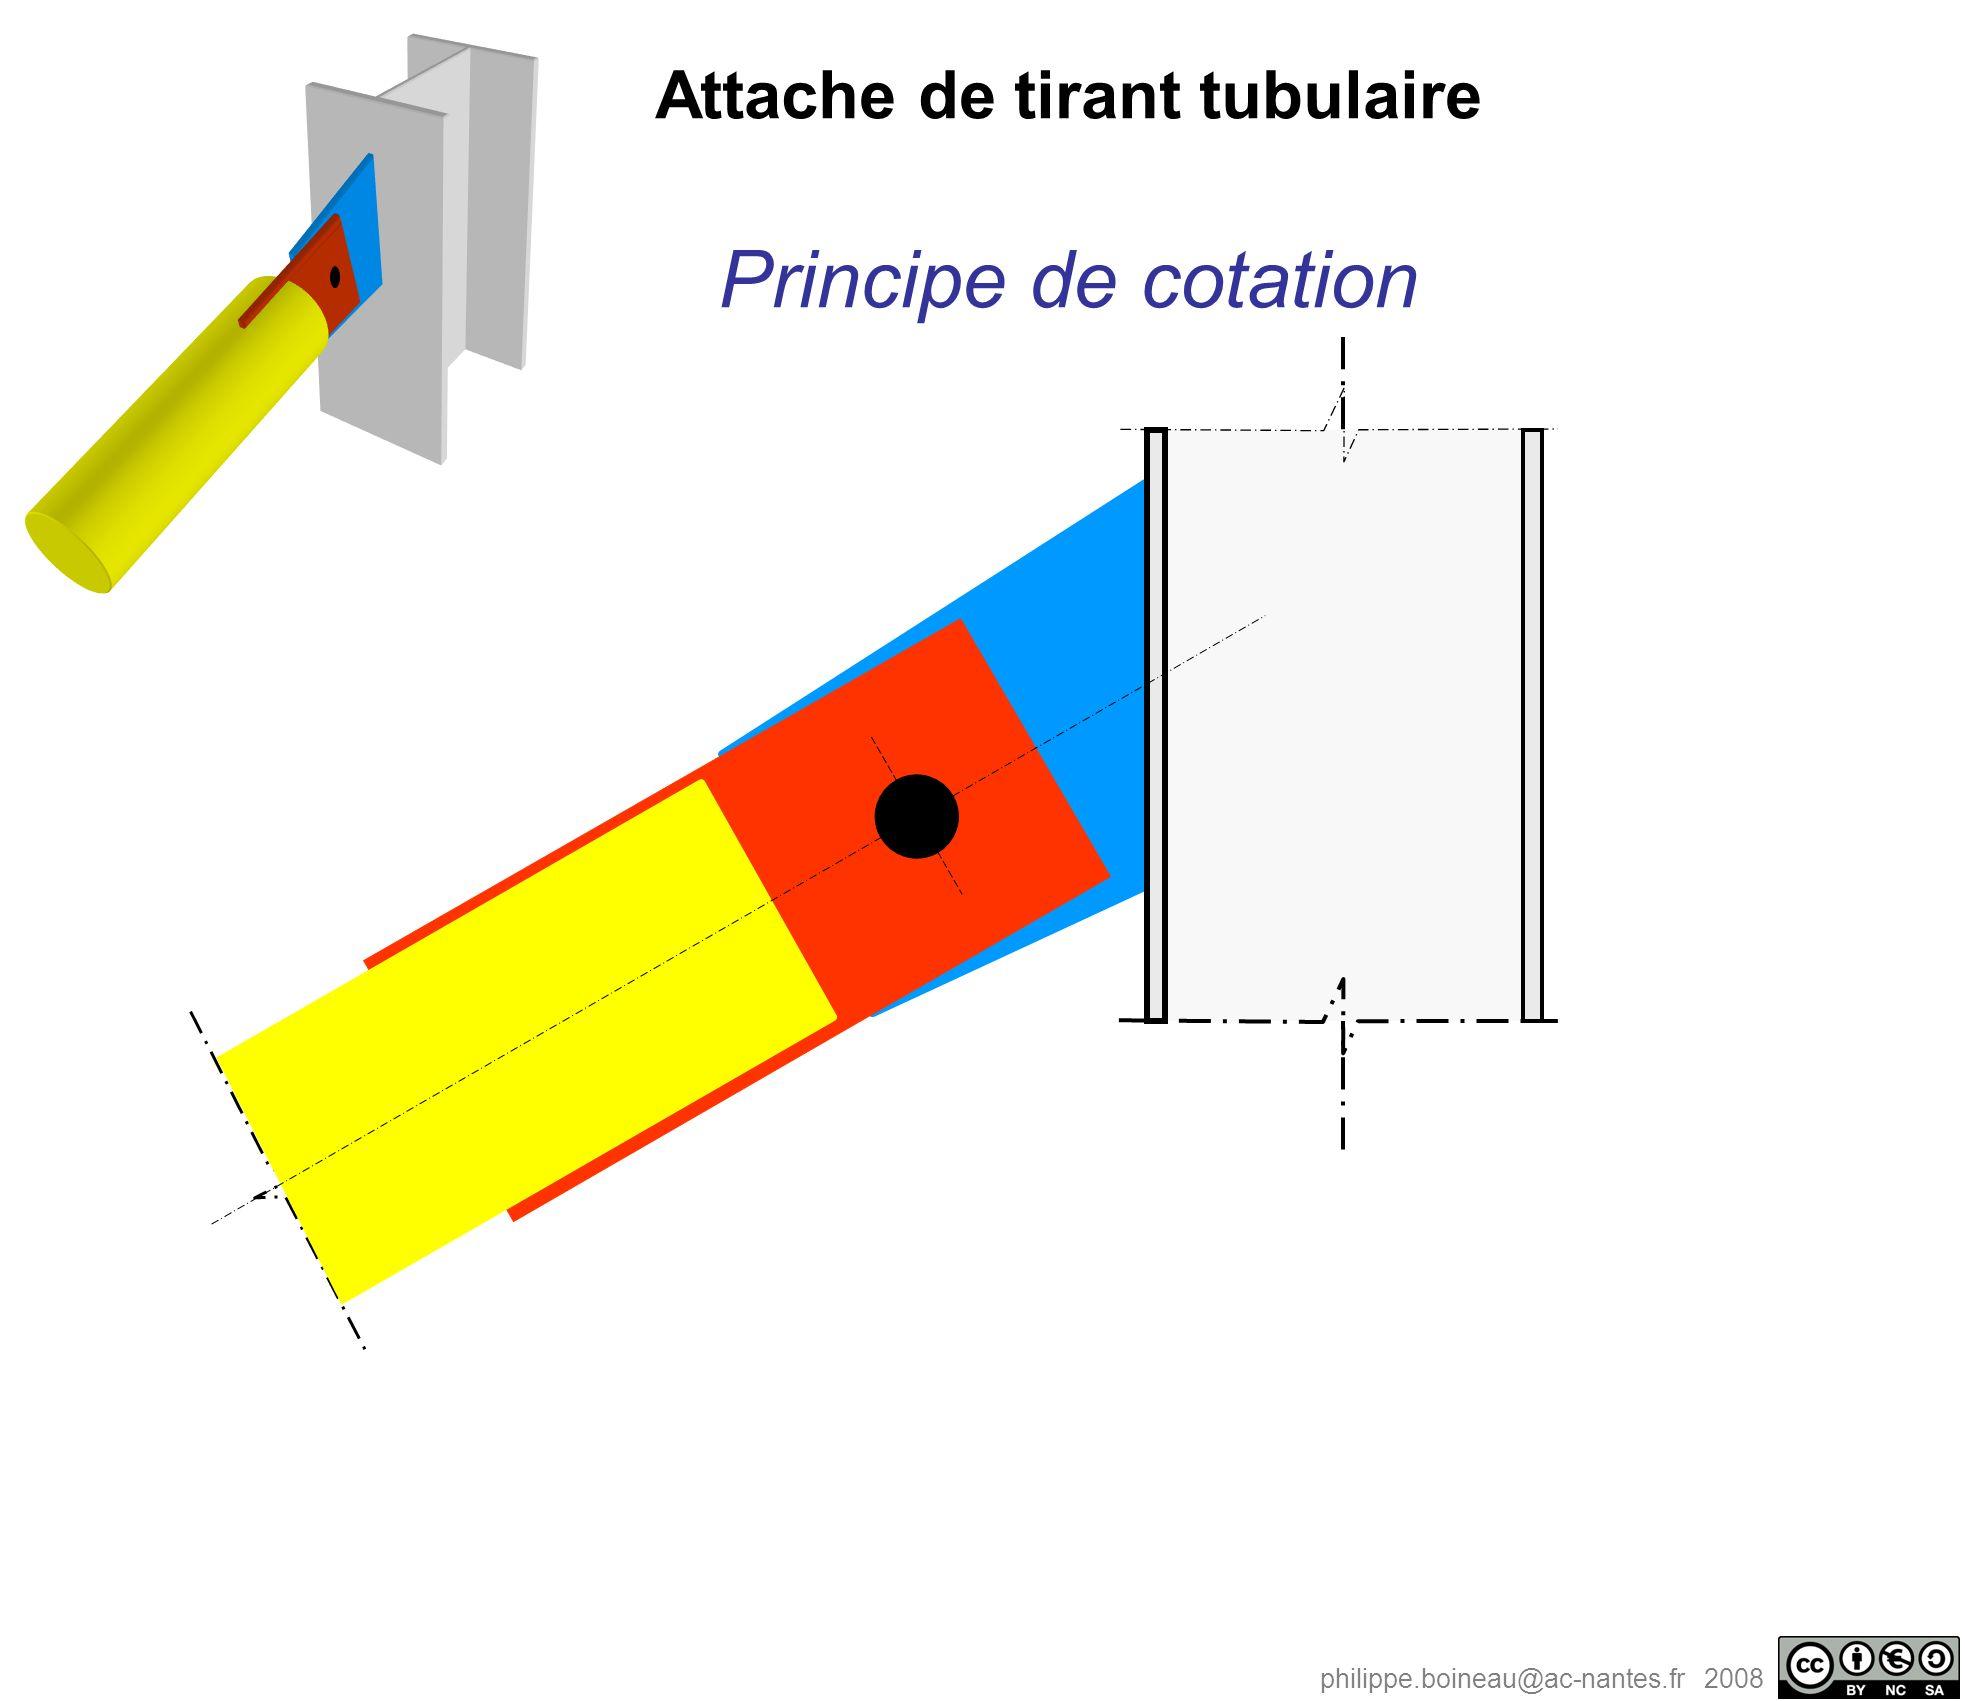 philippe.boineau@ac-nantes.fr 2008 Attache de tirant tubulaire Principe de cotation